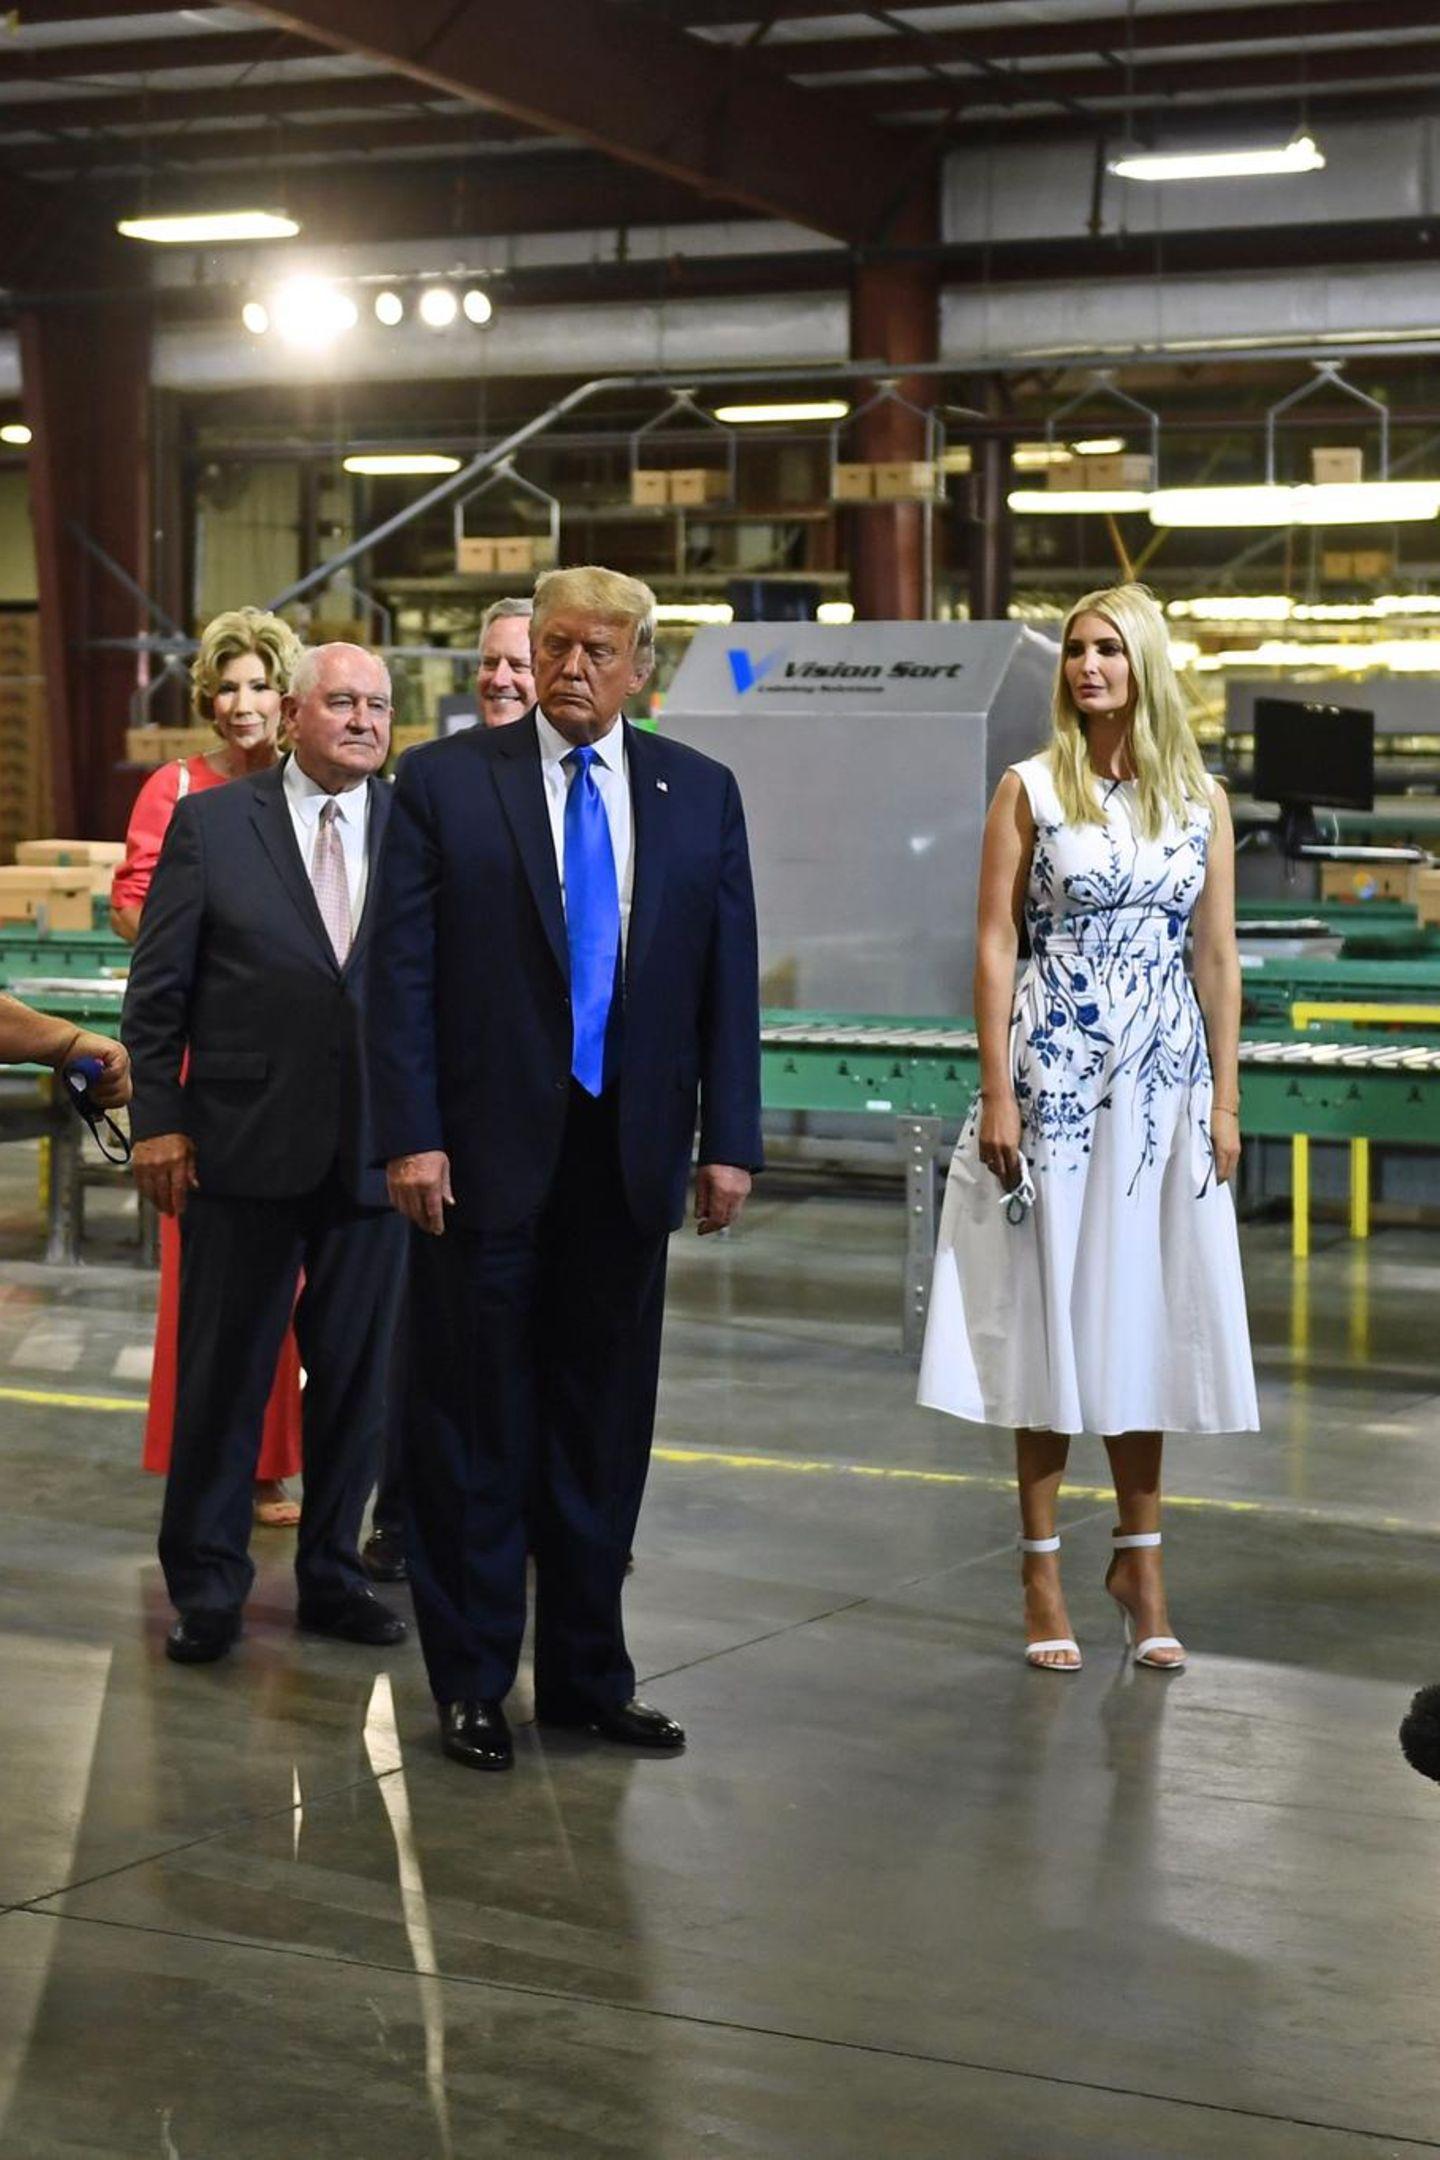 """Kurz zuvor hatte sie sich in einem weißen Kleid mit blauem Blumenmuster gezeigt, Kostenpunkt rund 1.800 Euro. Dazu kombiniert sie beige Leder-Sandalen von Gianvito Rossi (Preis rund 620 Euro). Außerdem hatte sie die """"Whitney Bag"""" von Max Mara in der Hand, bei einem Preis von rund 1.400 Euro auch kein Schnäppchen. Dafür, dass sie ihren Vater erst kürzlich den """"People's President"""" nannte, zeigt sich Ivanka in diesen 4.000-Euro-Lookskeinesfalls als eine Frau des Volkes."""